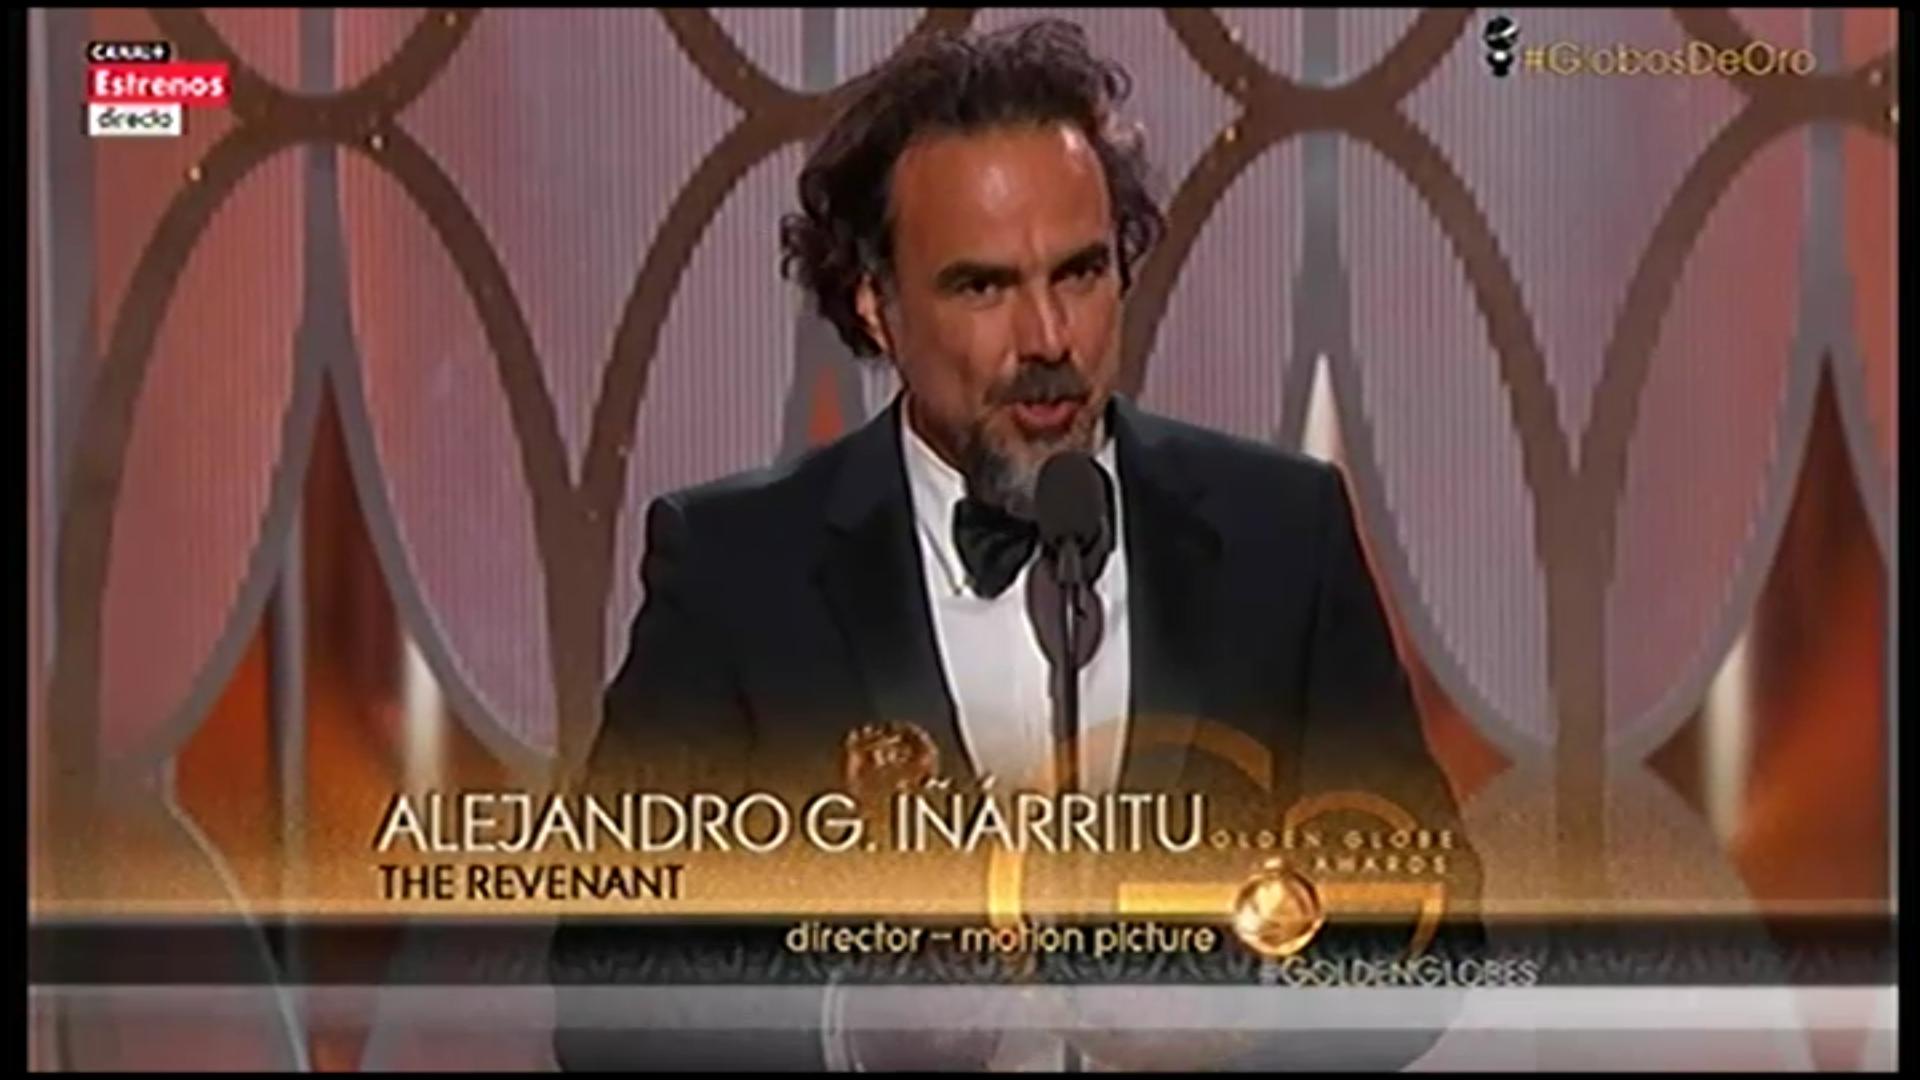 Iñárritu en el escenario recogiendo su Globo de Oro como director